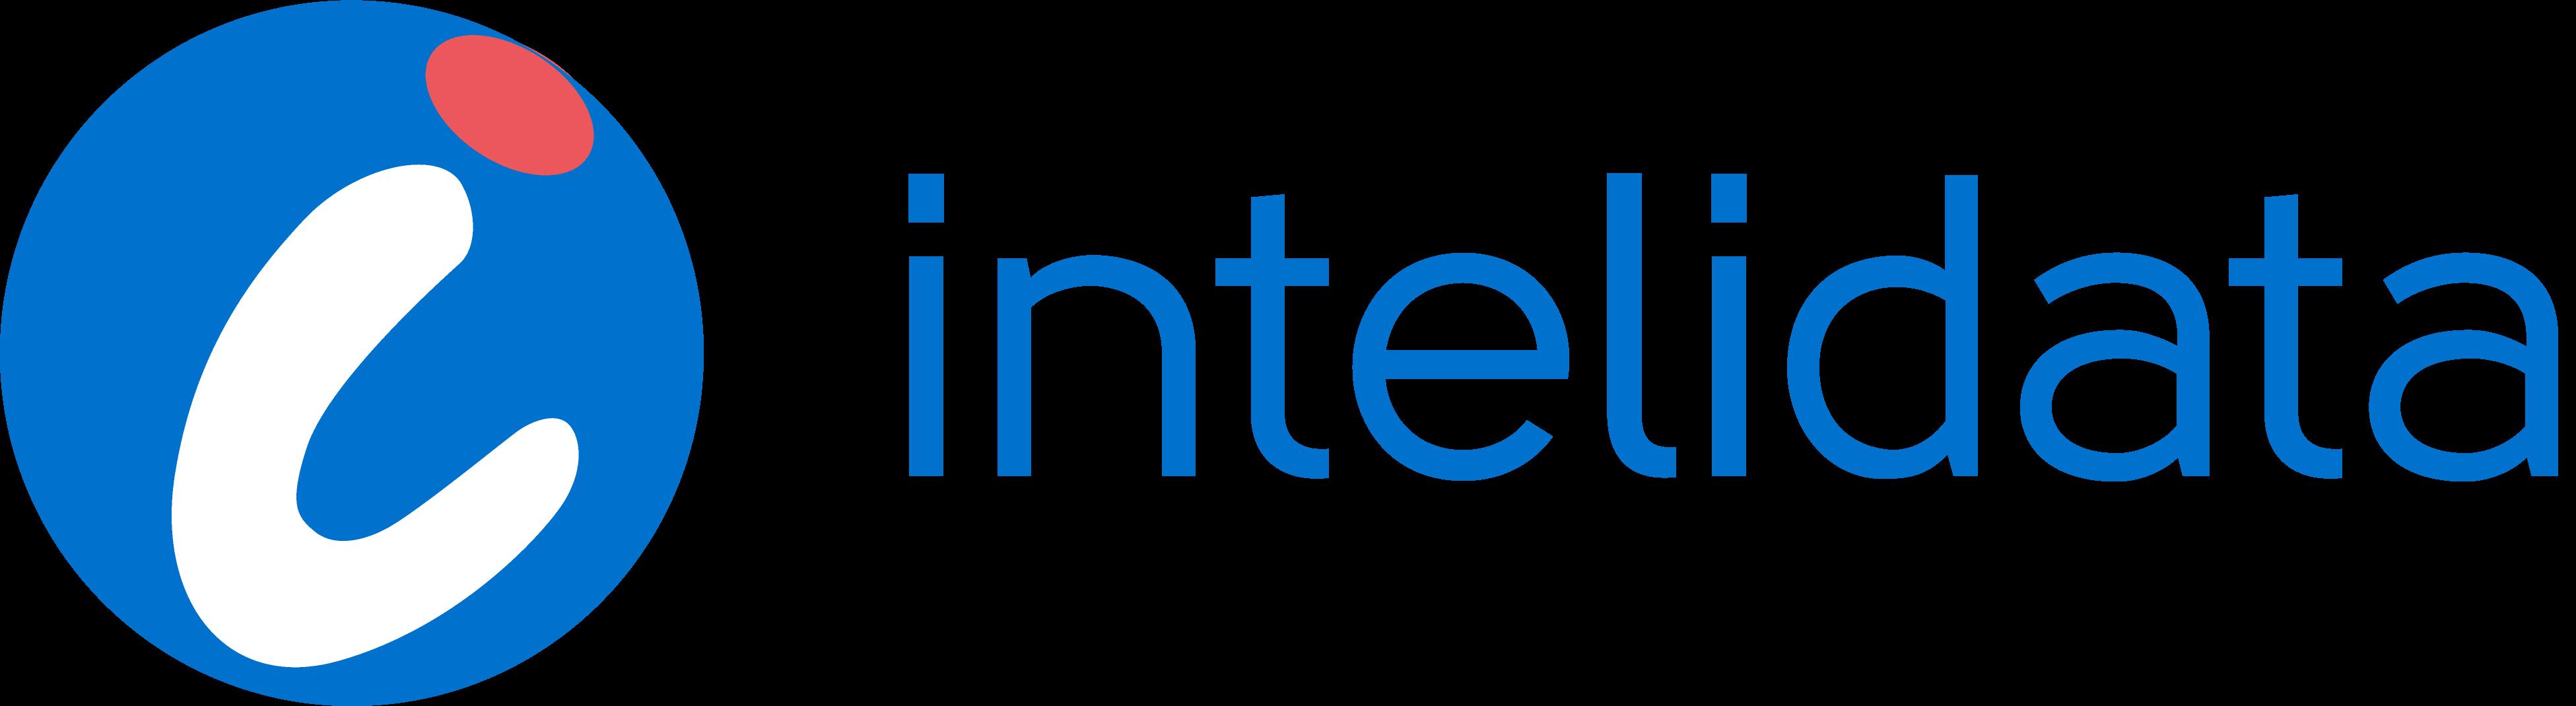 Intelidata - Sistemas de Gestão Empresarial